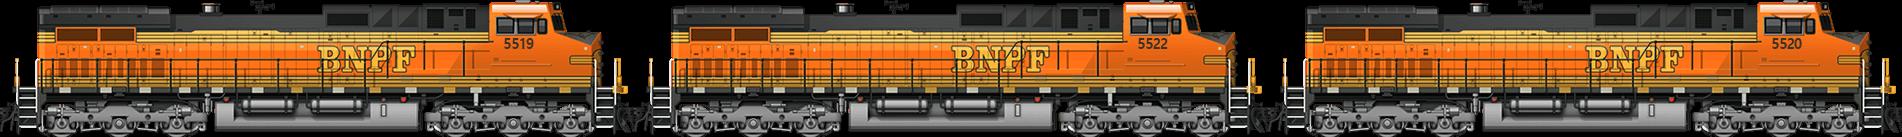 BNPF Cargo I